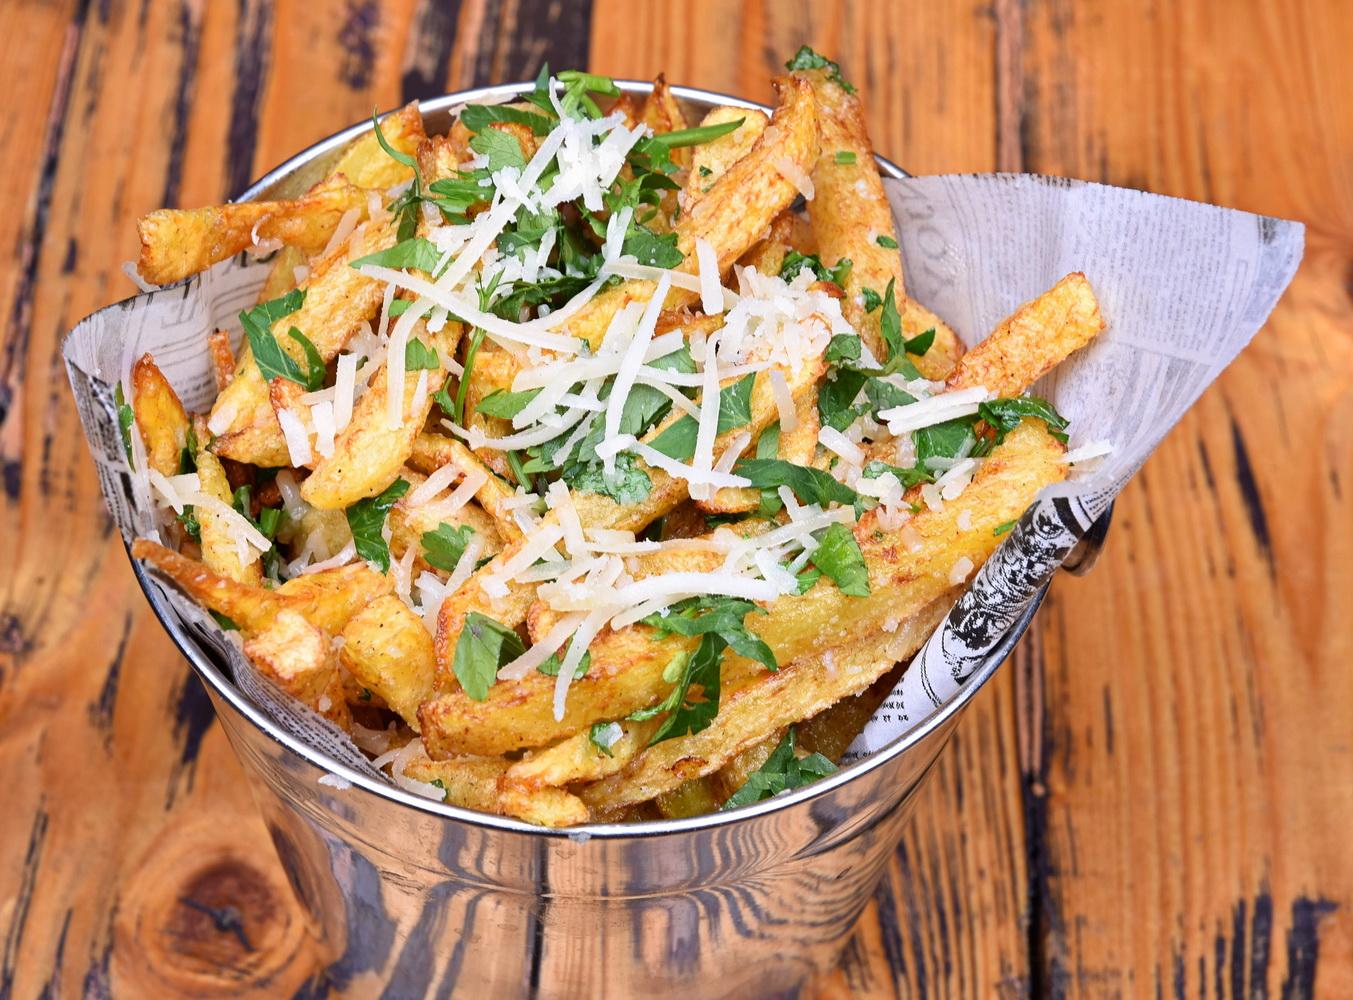 Cartofi prăjiţi cu usturoi, parmezan, şi pătrunjel